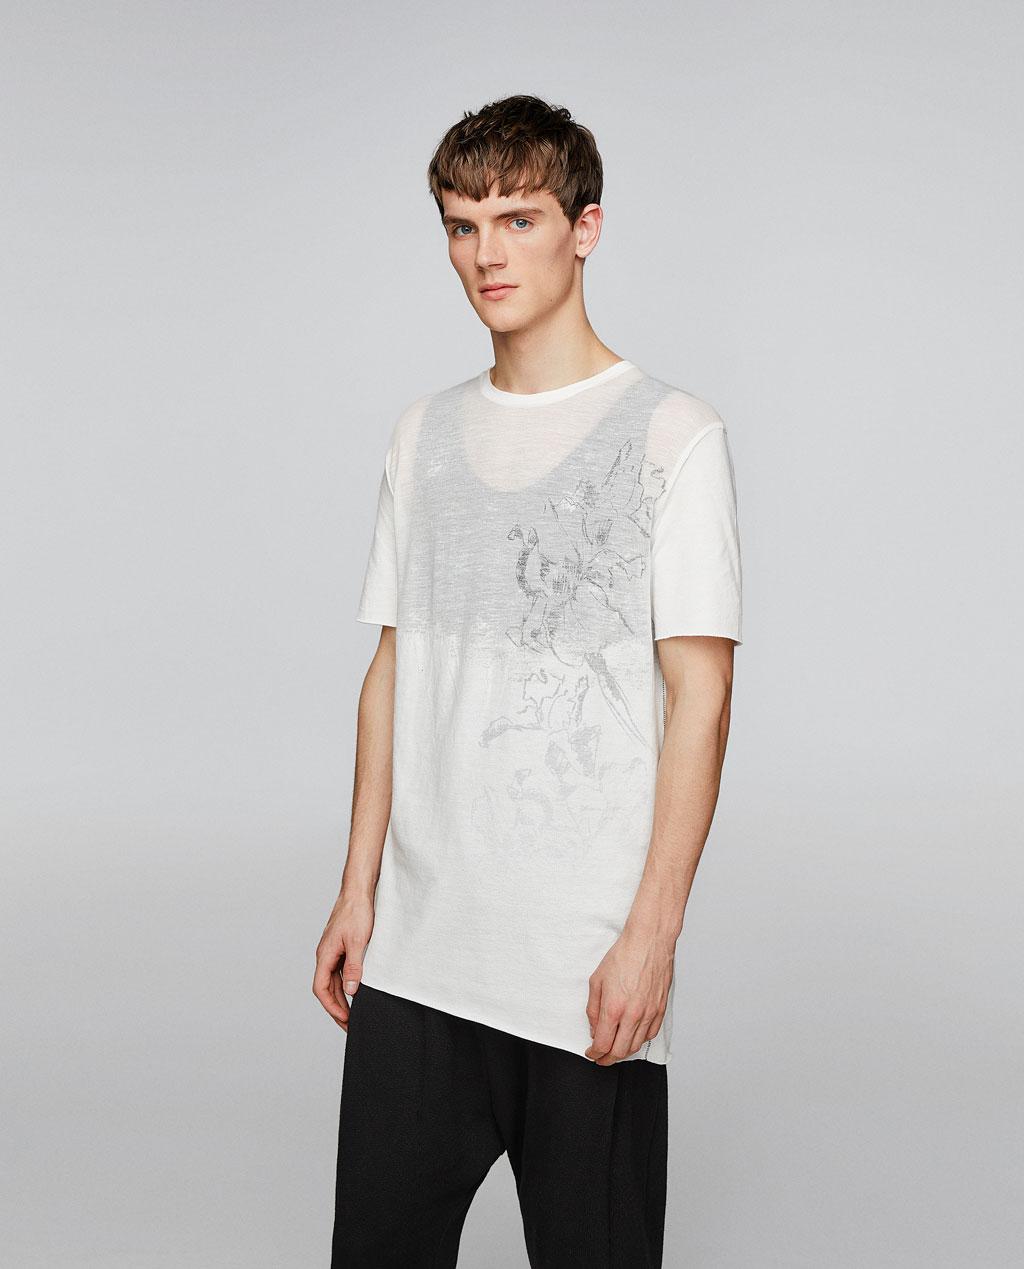 Thời trang nam Zara  23902 - ảnh 4